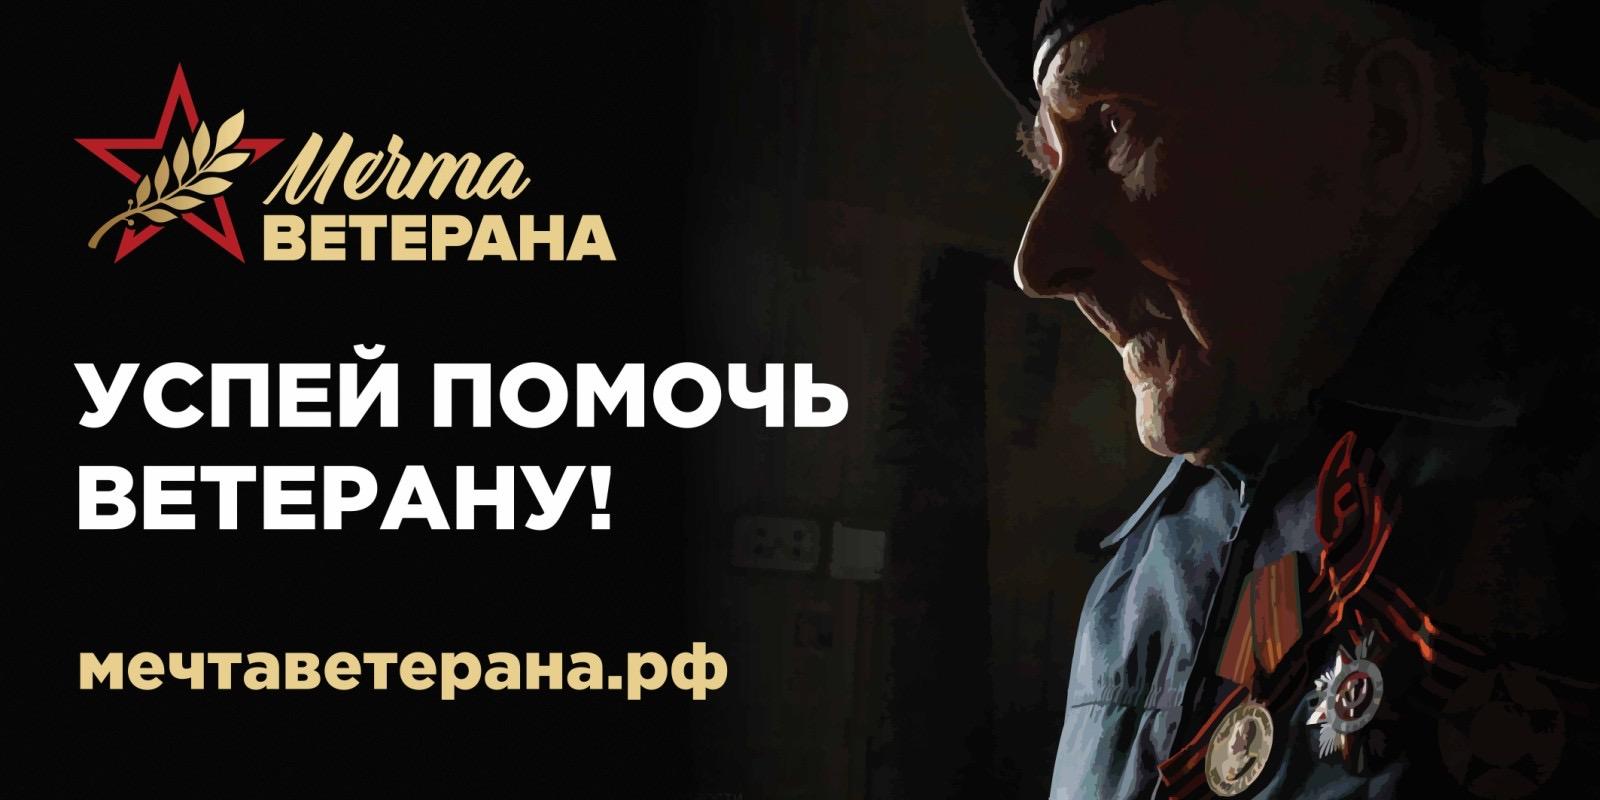 Социальный проект «Мечта ветерана» продолжает исполнять желания ветеранов Великой Отечественной войны